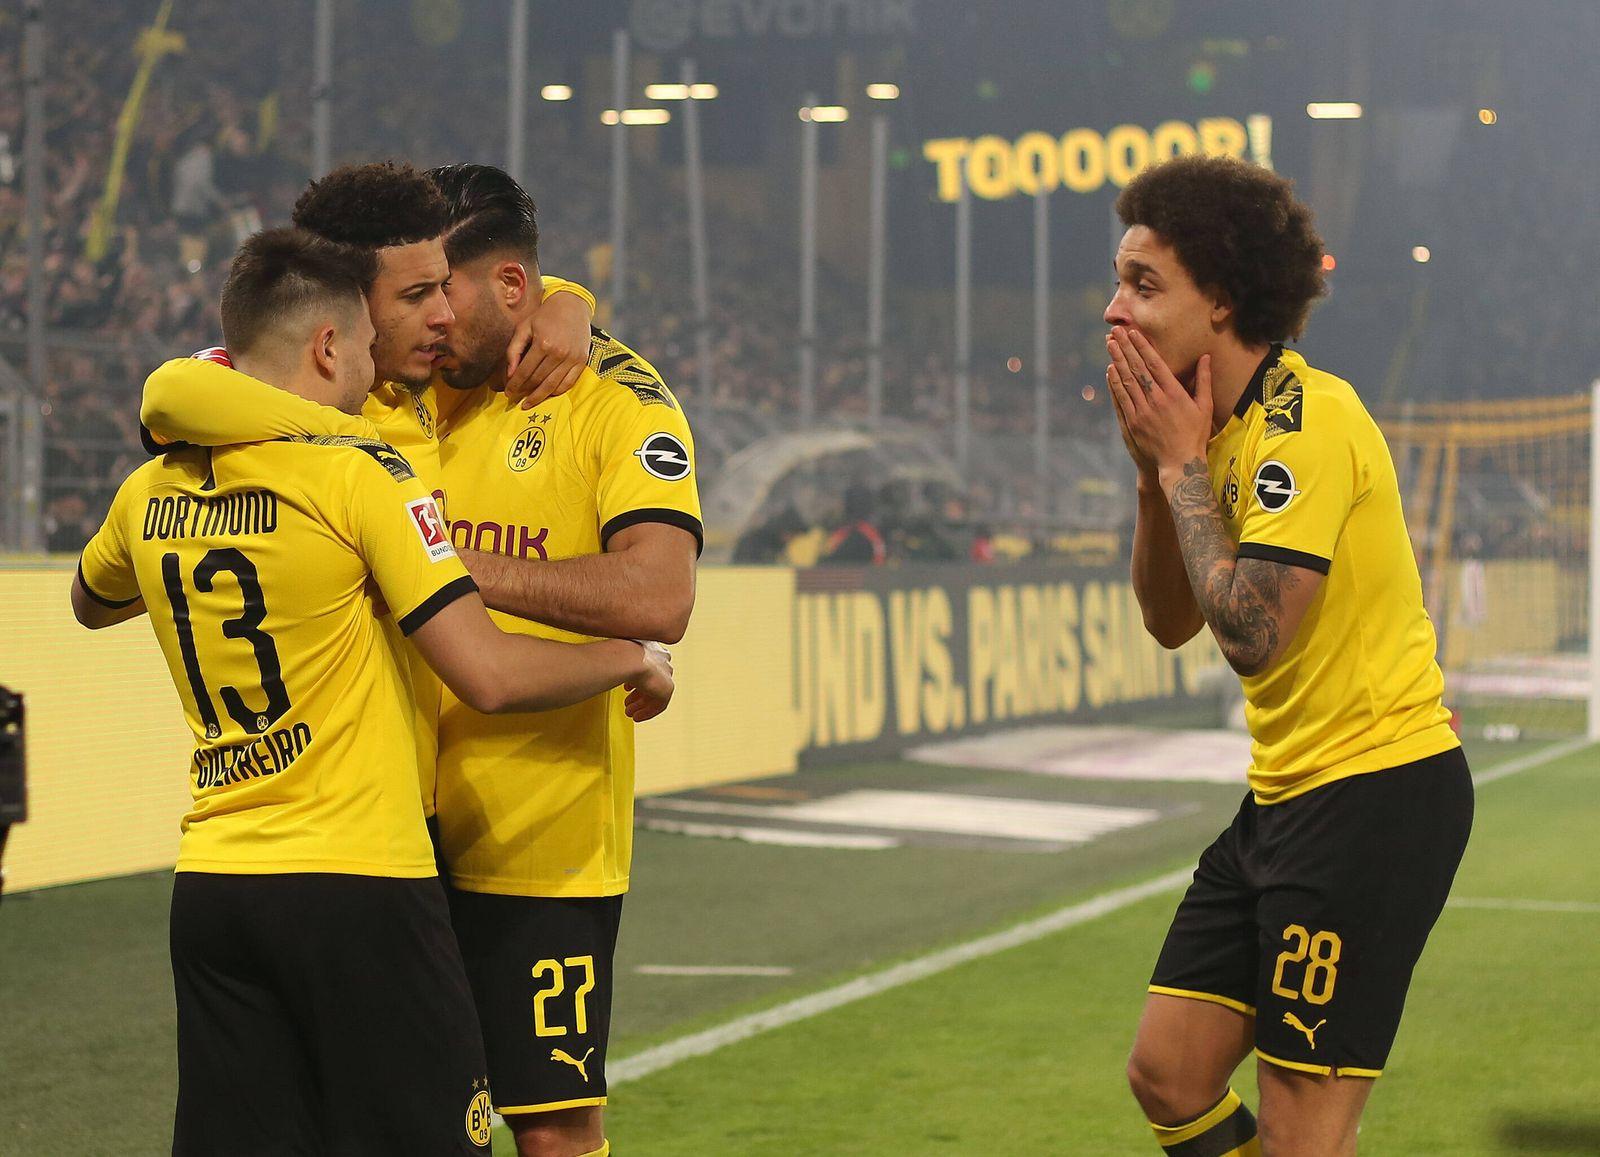 14.02.2020, Fussball 1. Bundesliga 2019/2020, 22. Spieltag, Borussia Dortmund gegen Eintracht Frankfurt, im Signal Idun